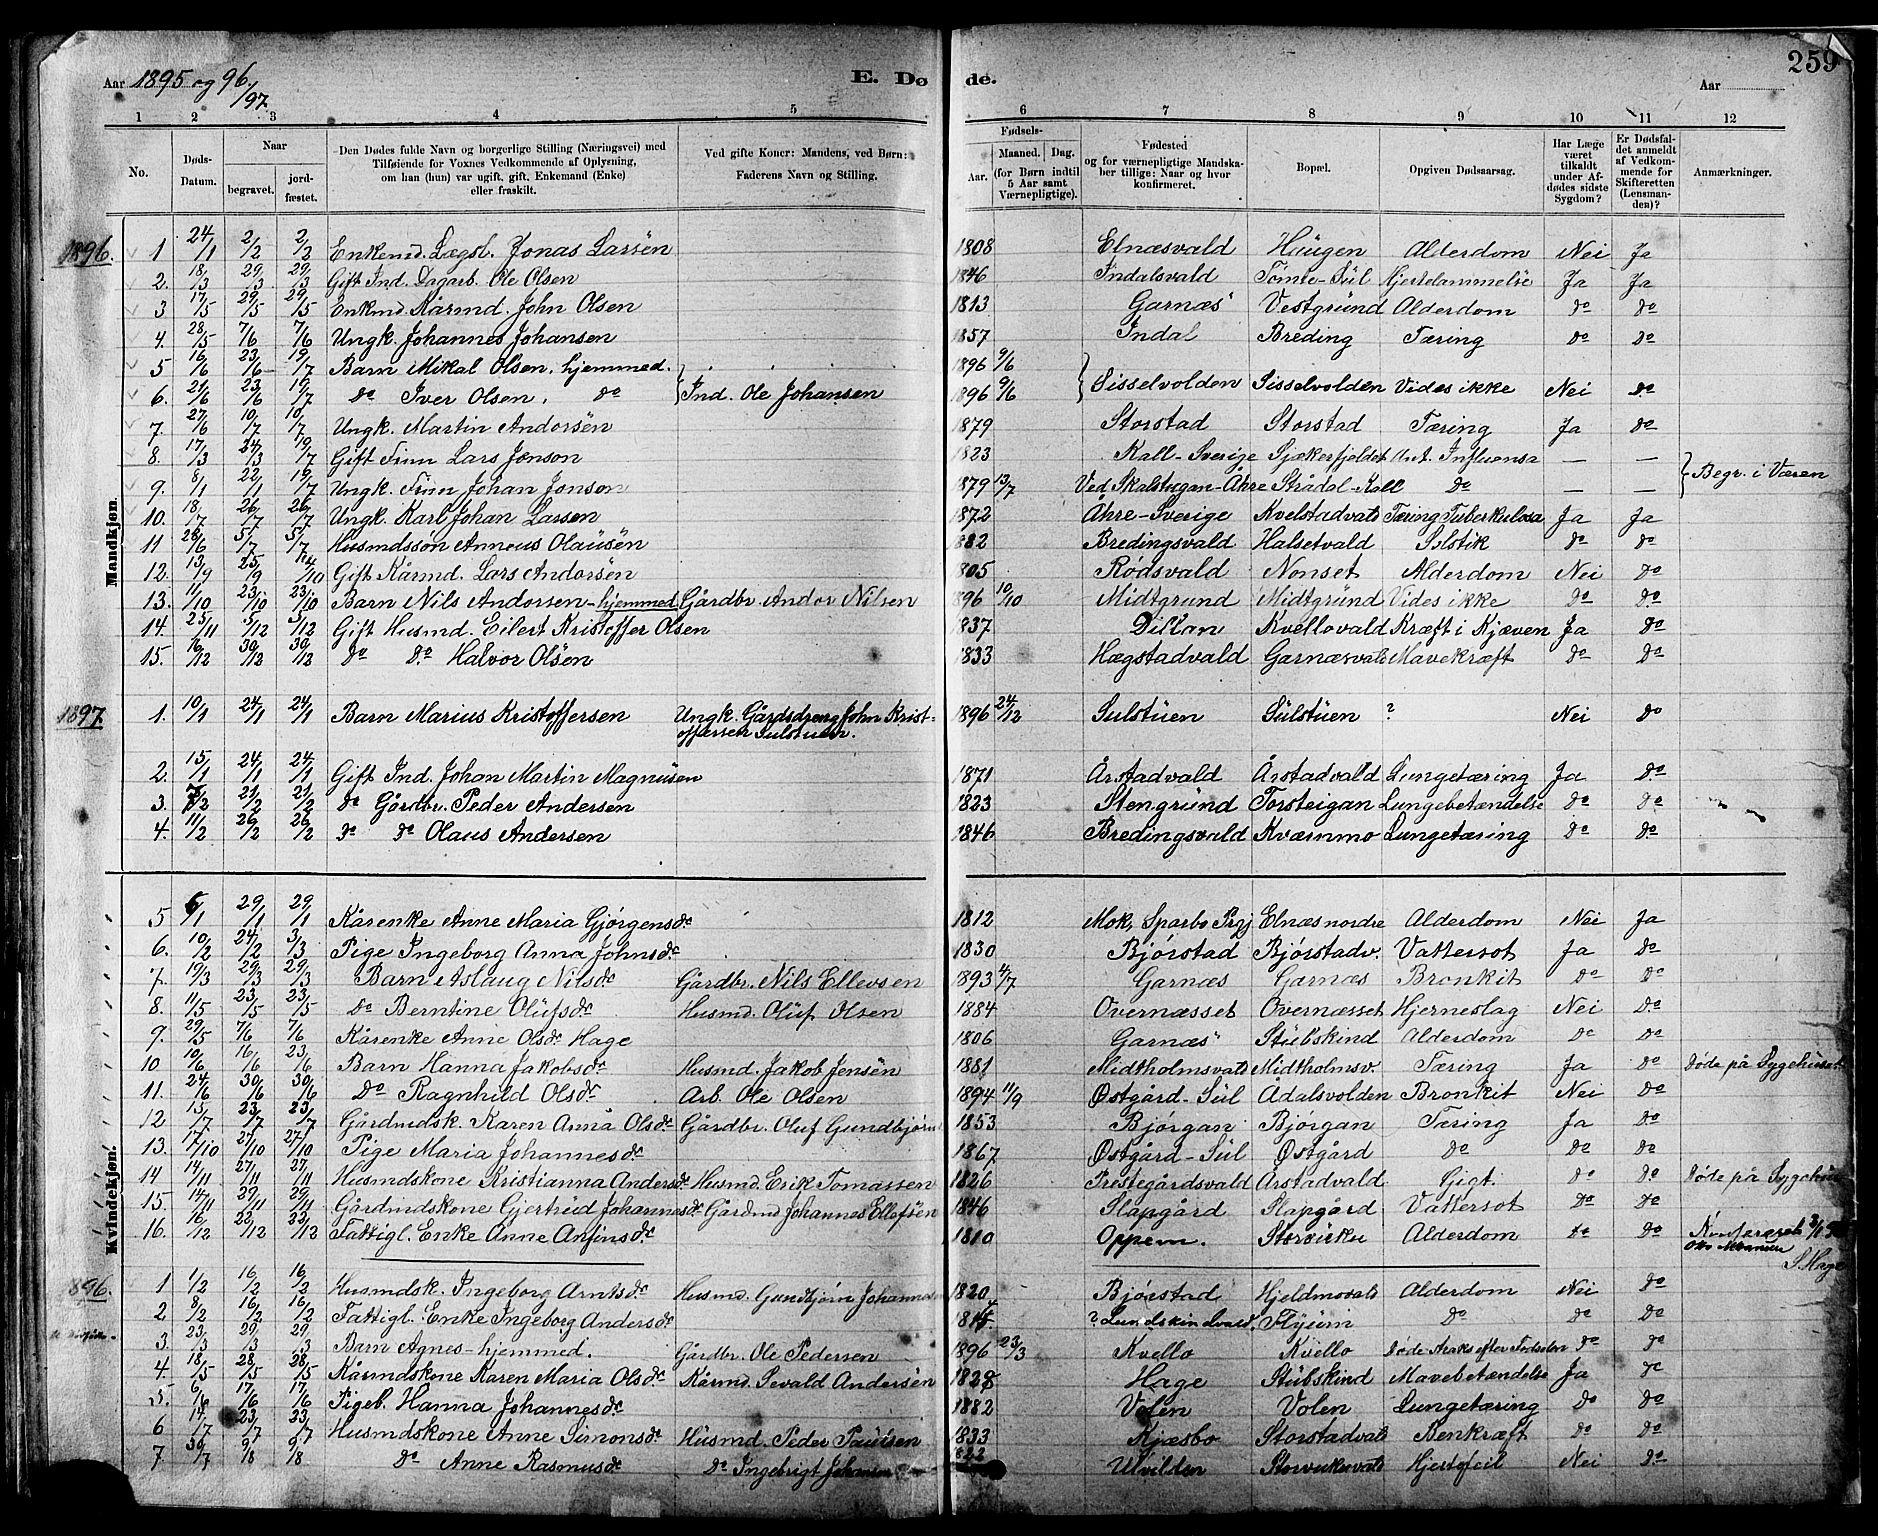 SAT, Ministerialprotokoller, klokkerbøker og fødselsregistre - Nord-Trøndelag, 724/L0267: Klokkerbok nr. 724C03, 1879-1898, s. 259